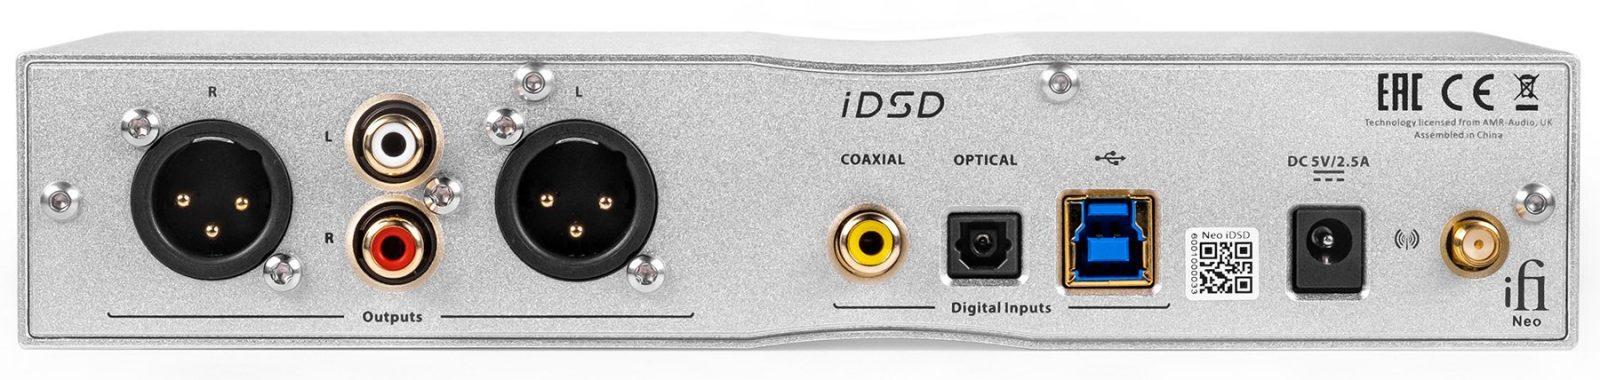 iFi Neo iDSD rear